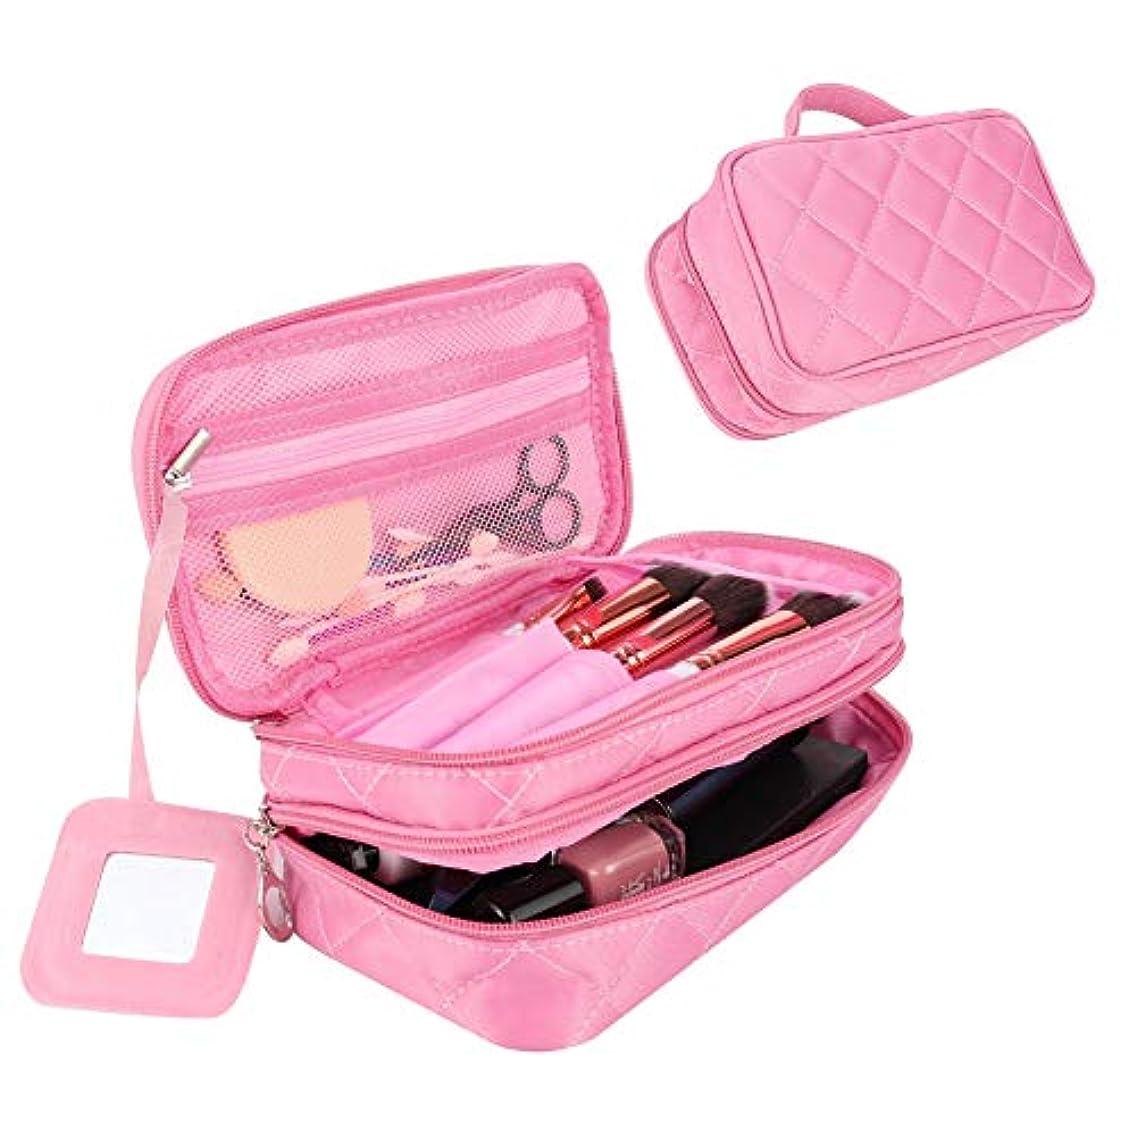 協力的虐待特異性Aumesa Rano メイクポーチ 機能的 化粧ポーチ 二層あり ブラシ入れ付き 仕切り コスメポーチ 収納 持ち運び 携帯用 防水 鏡付き (ピンク)